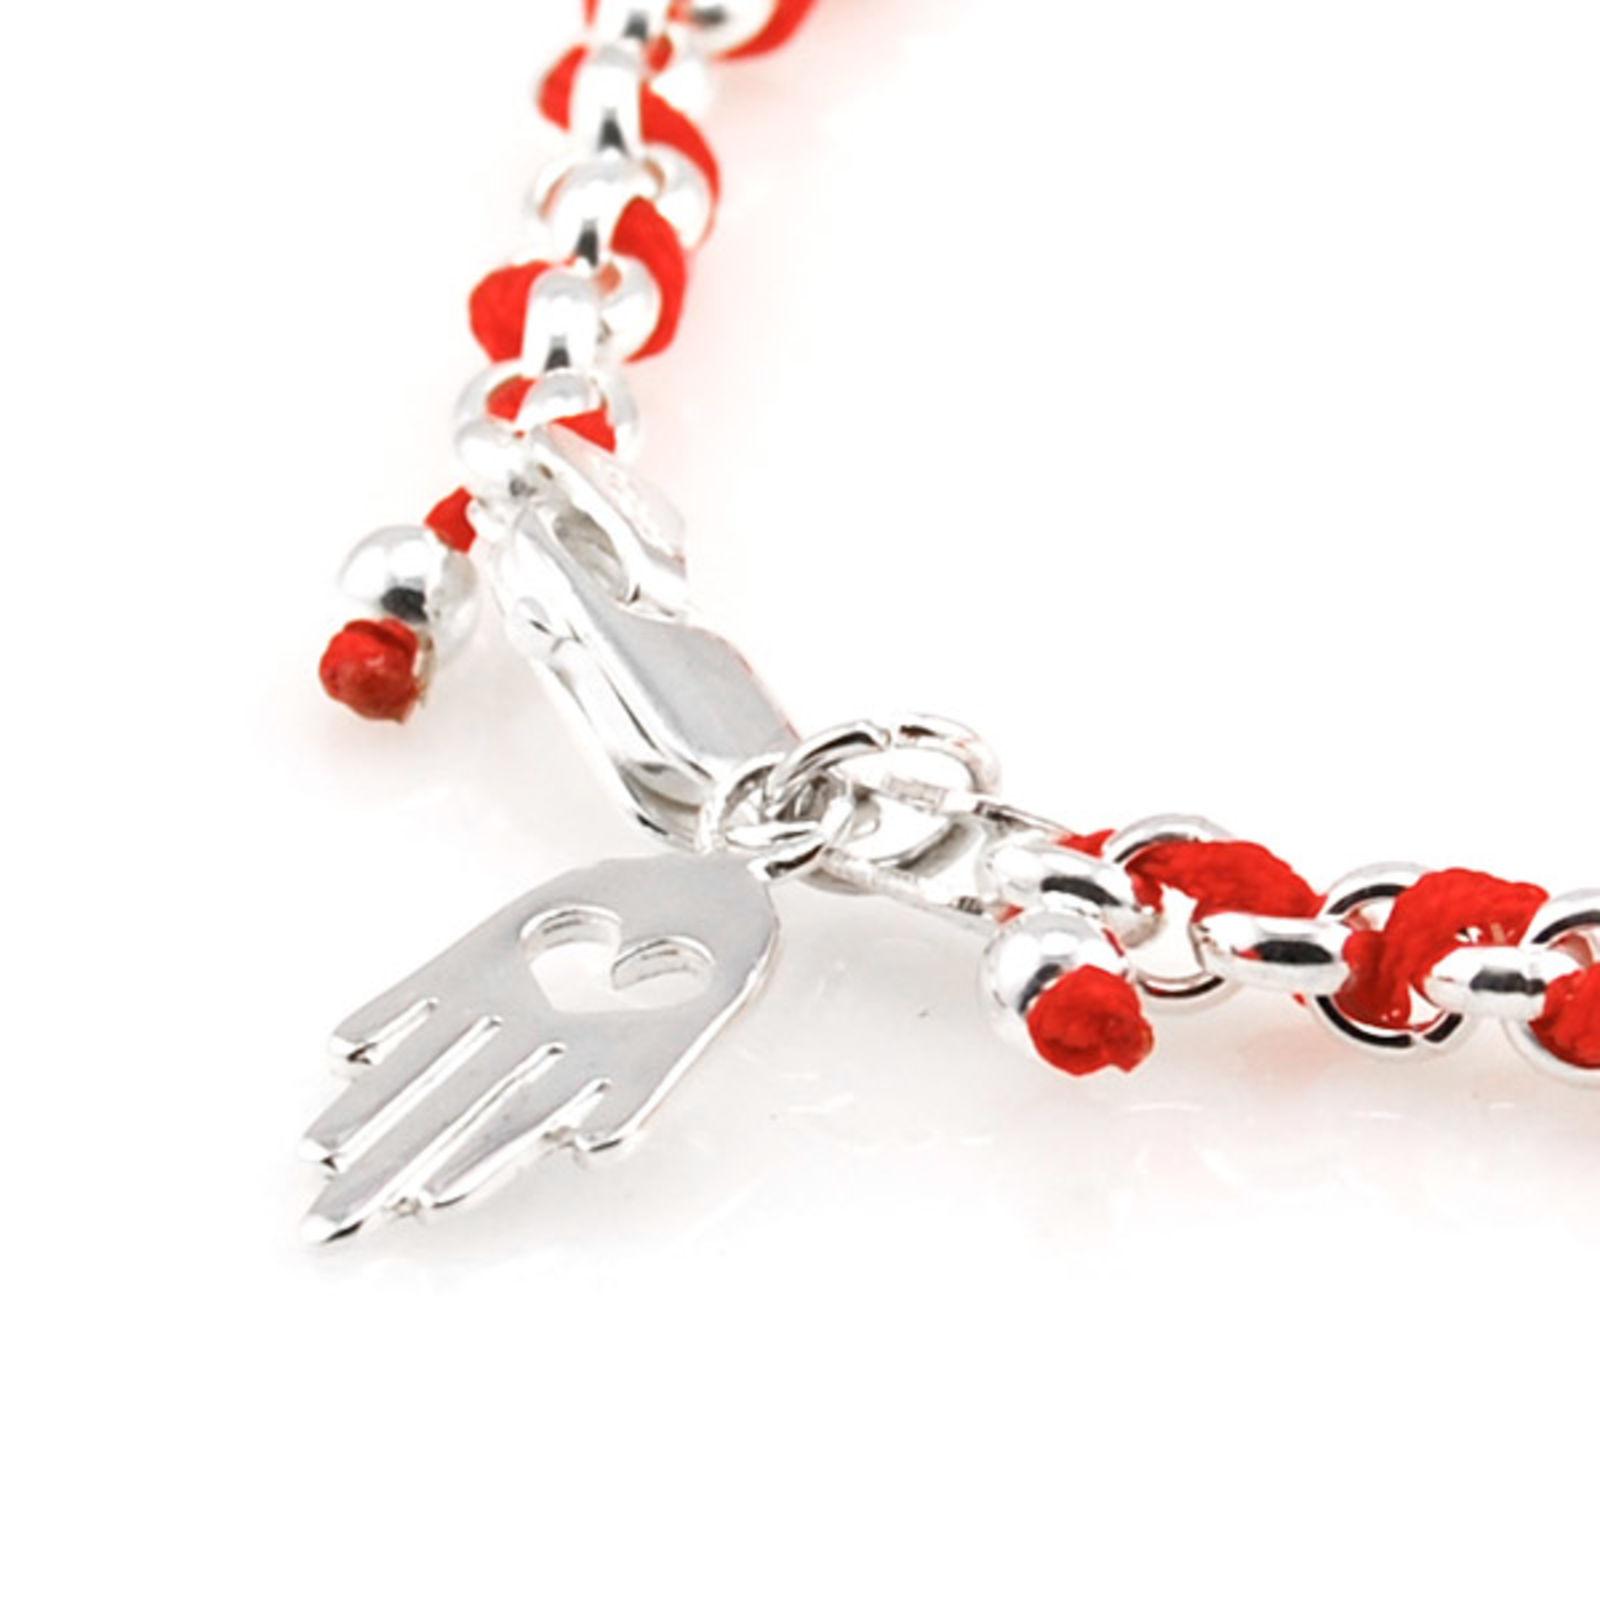 Bracelet chaîne argent et rouge Kabbale   Port gratuit 0e85338c16c2